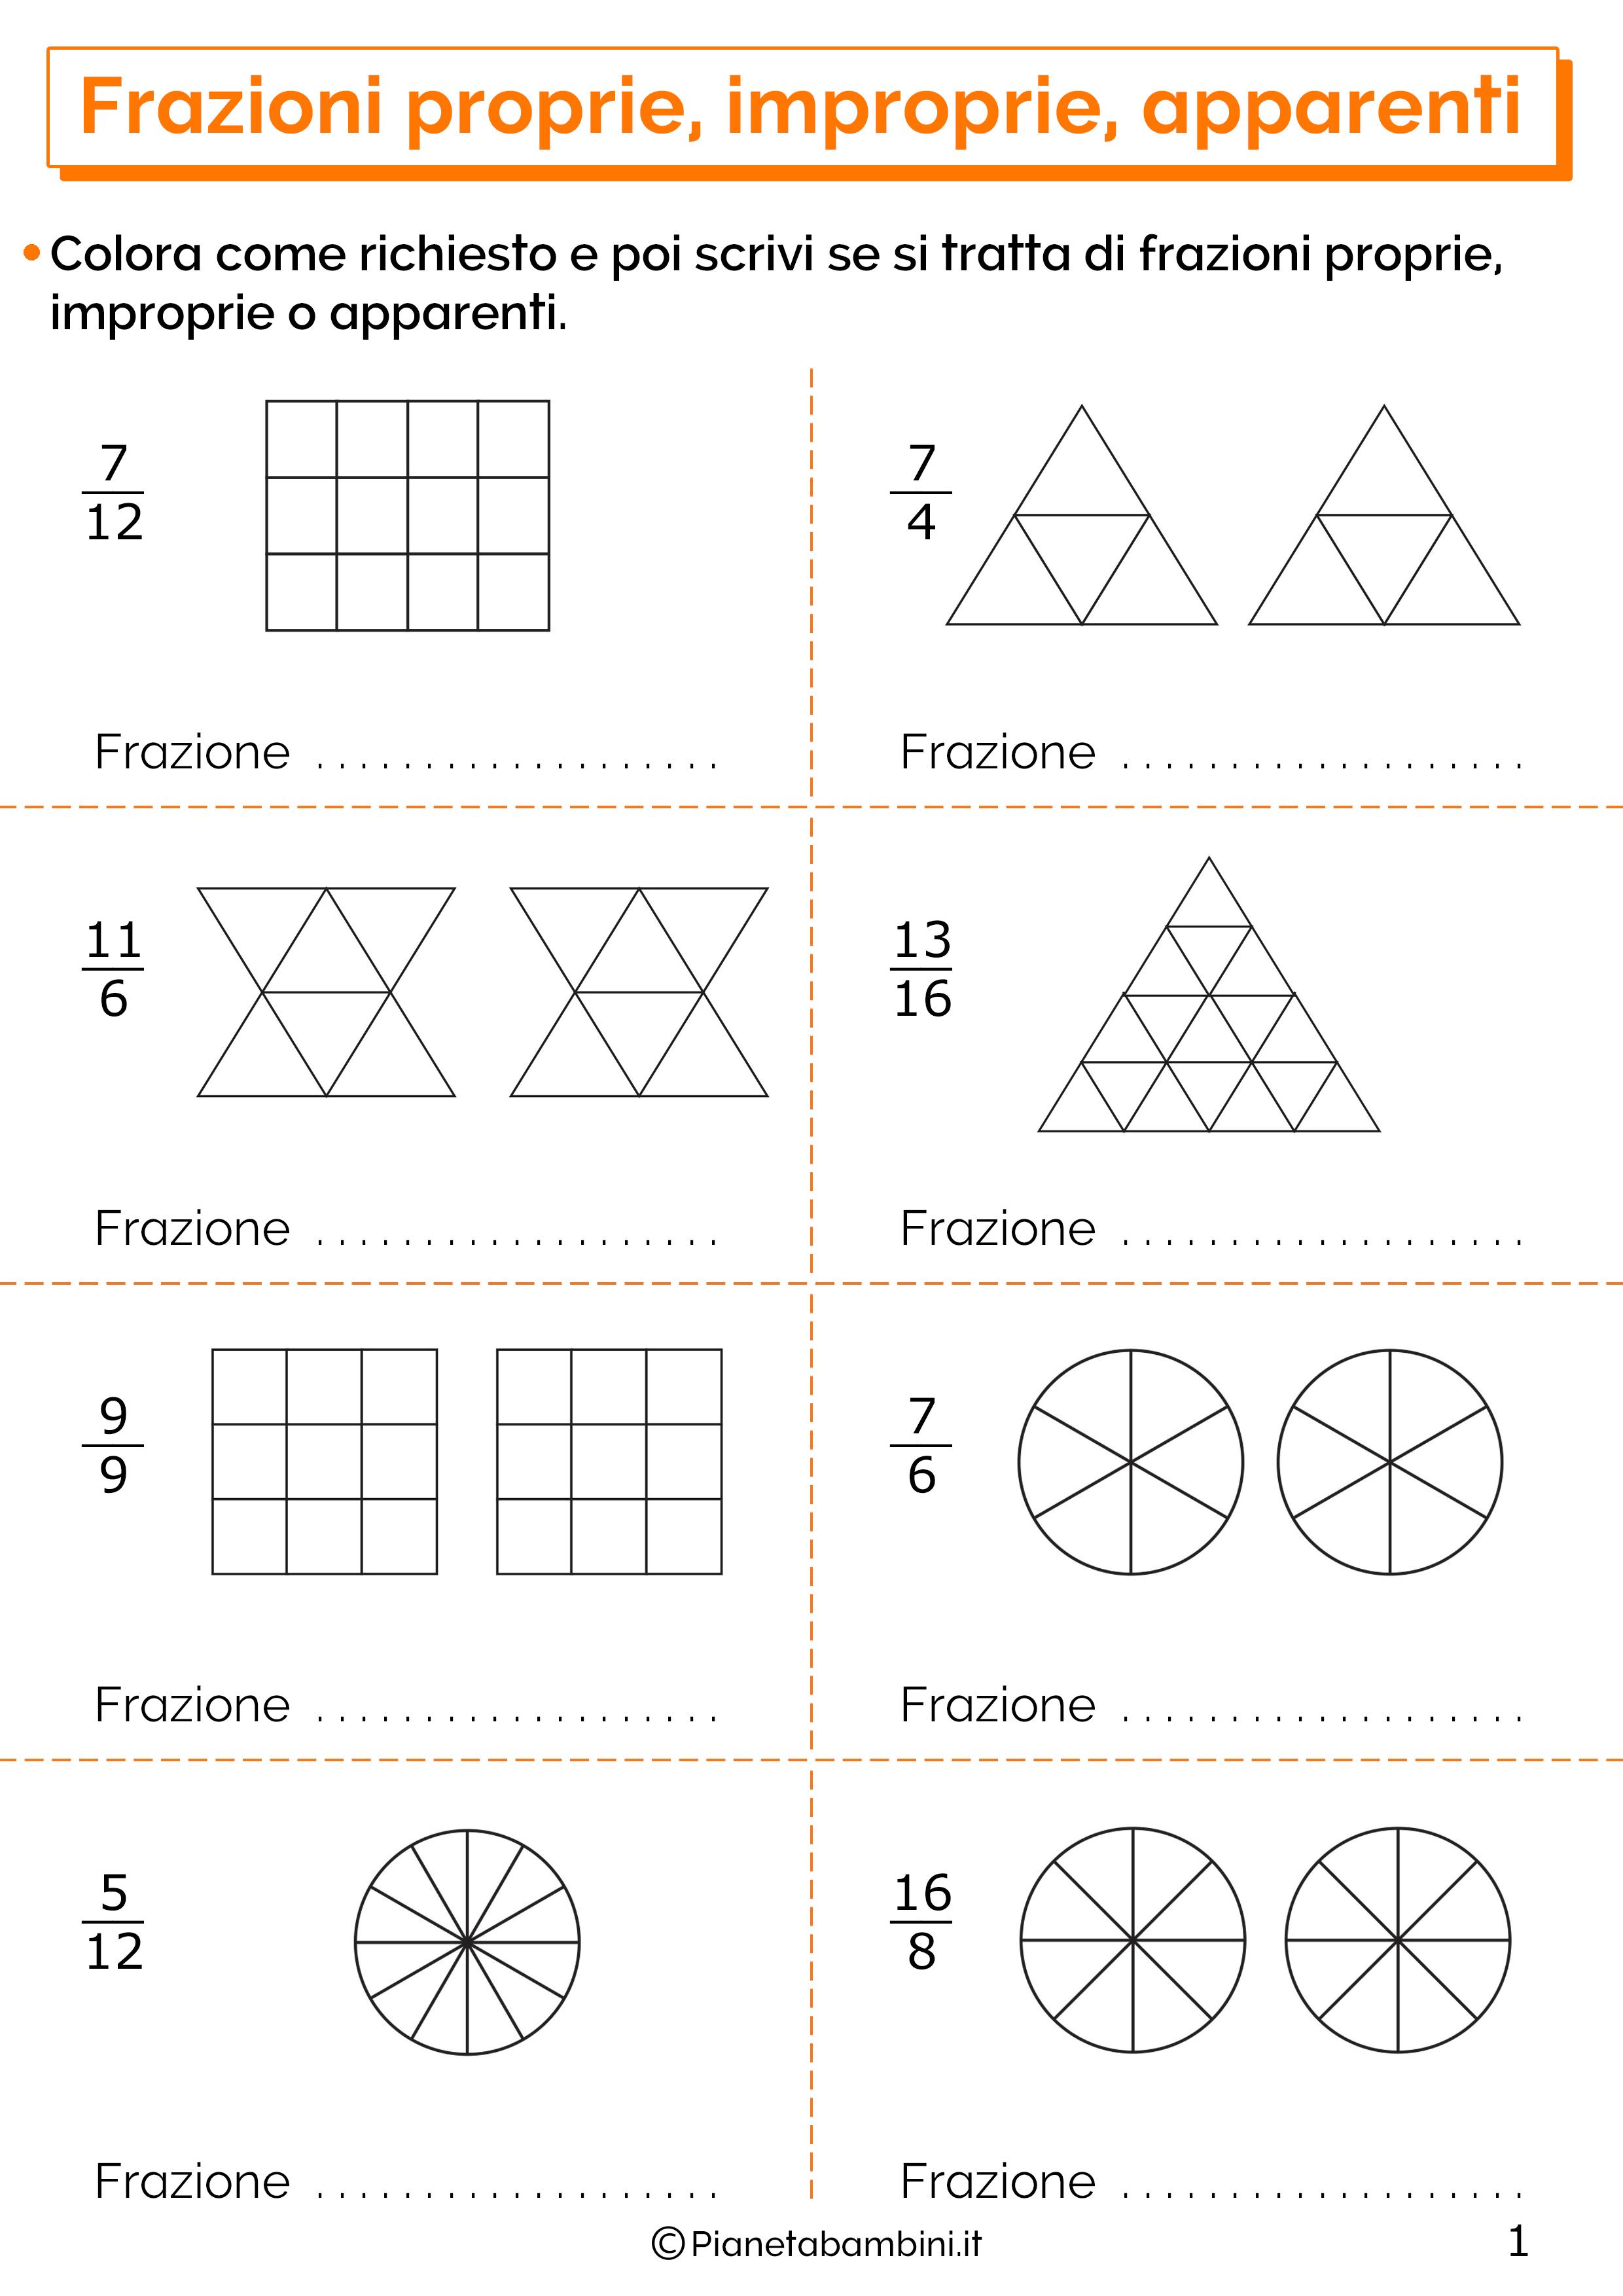 Esercizi sulle frazioni proprie improprie e apparenti 1